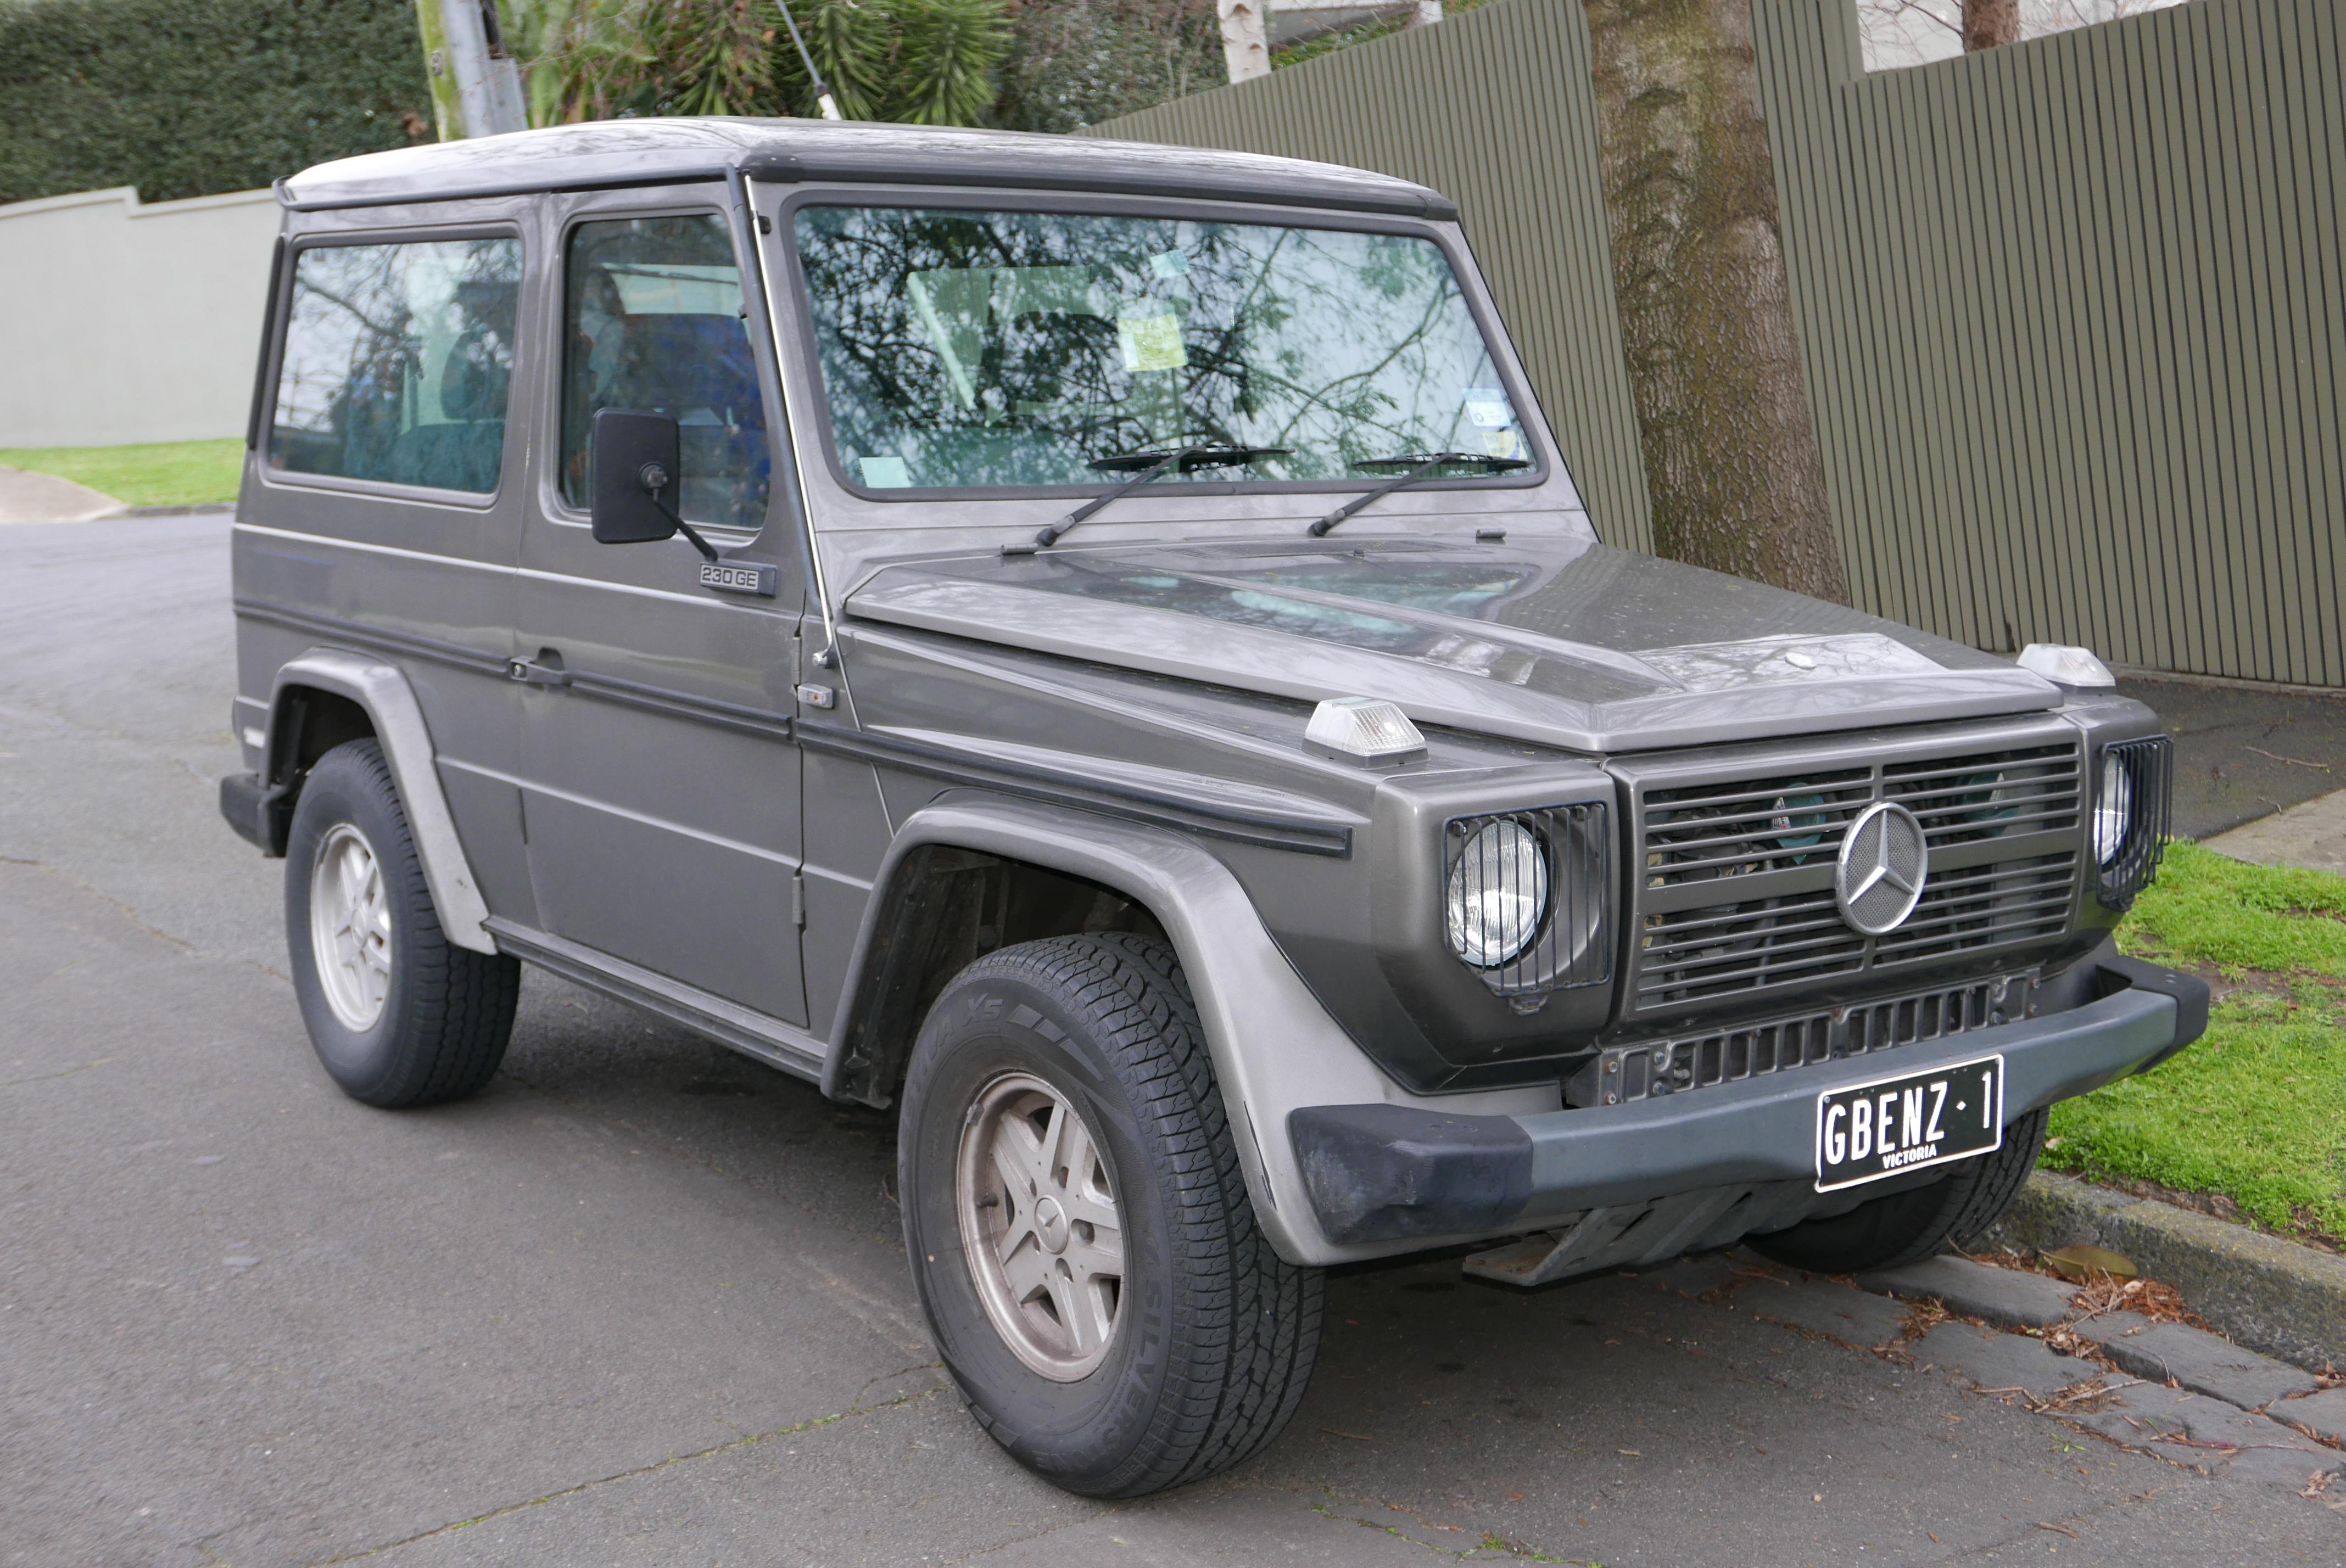 Mercedes Benz G History >> File:1987 Mercedes-Benz 230 GE (G 460) 3-door wagon (2015 ...